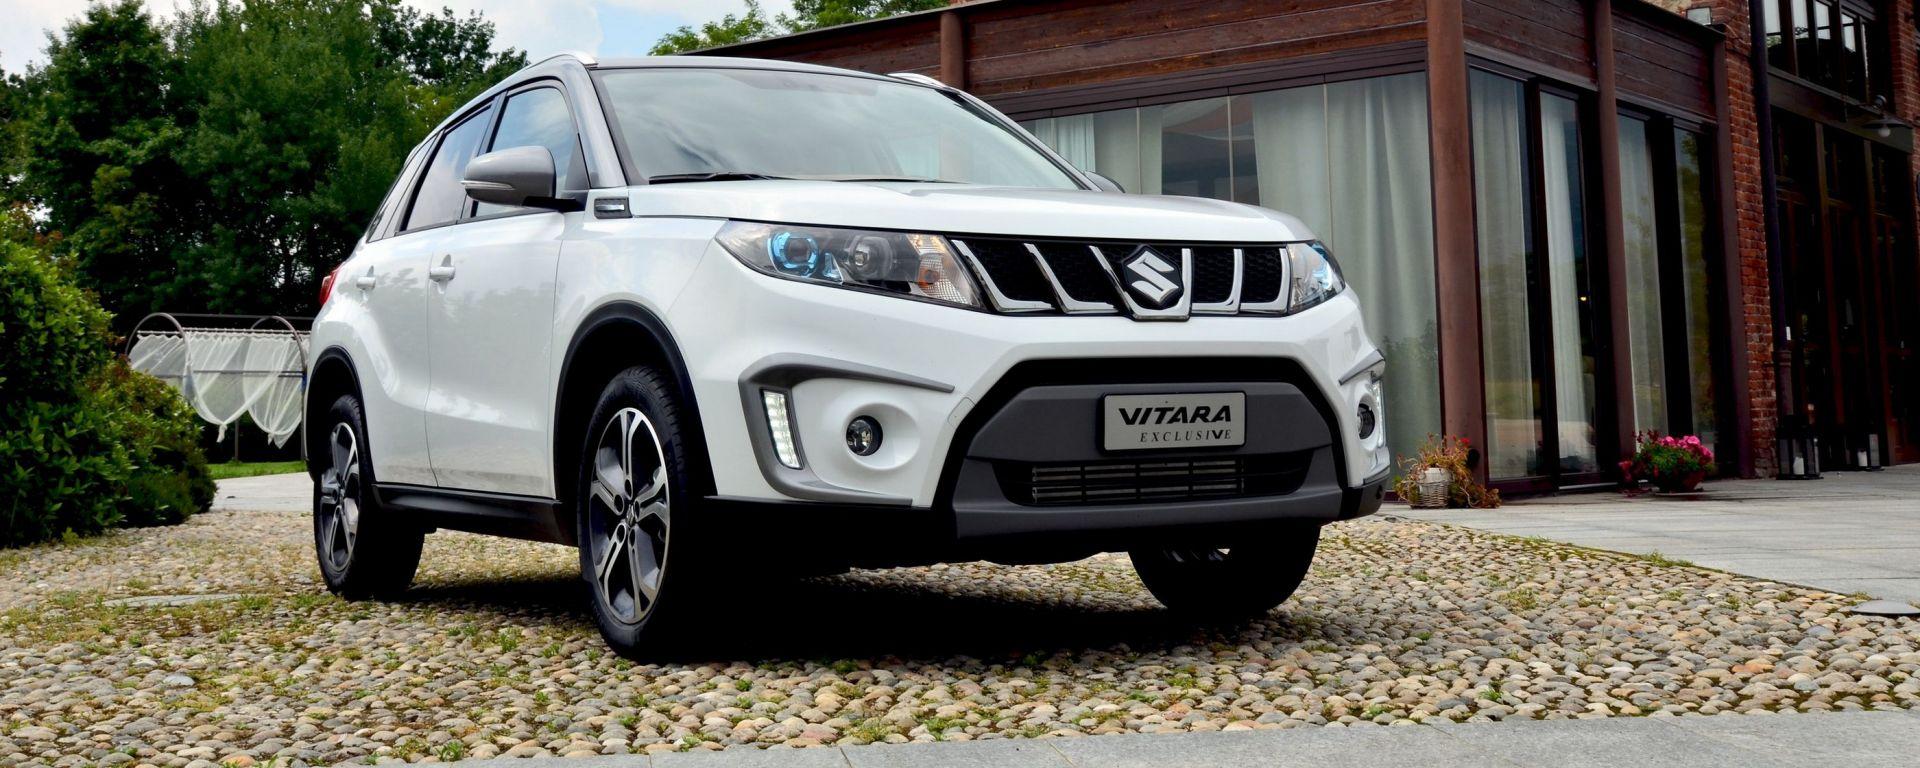 Suzuki Vitara Exclusive: ecco la nuova top di gamma della suv giapponese